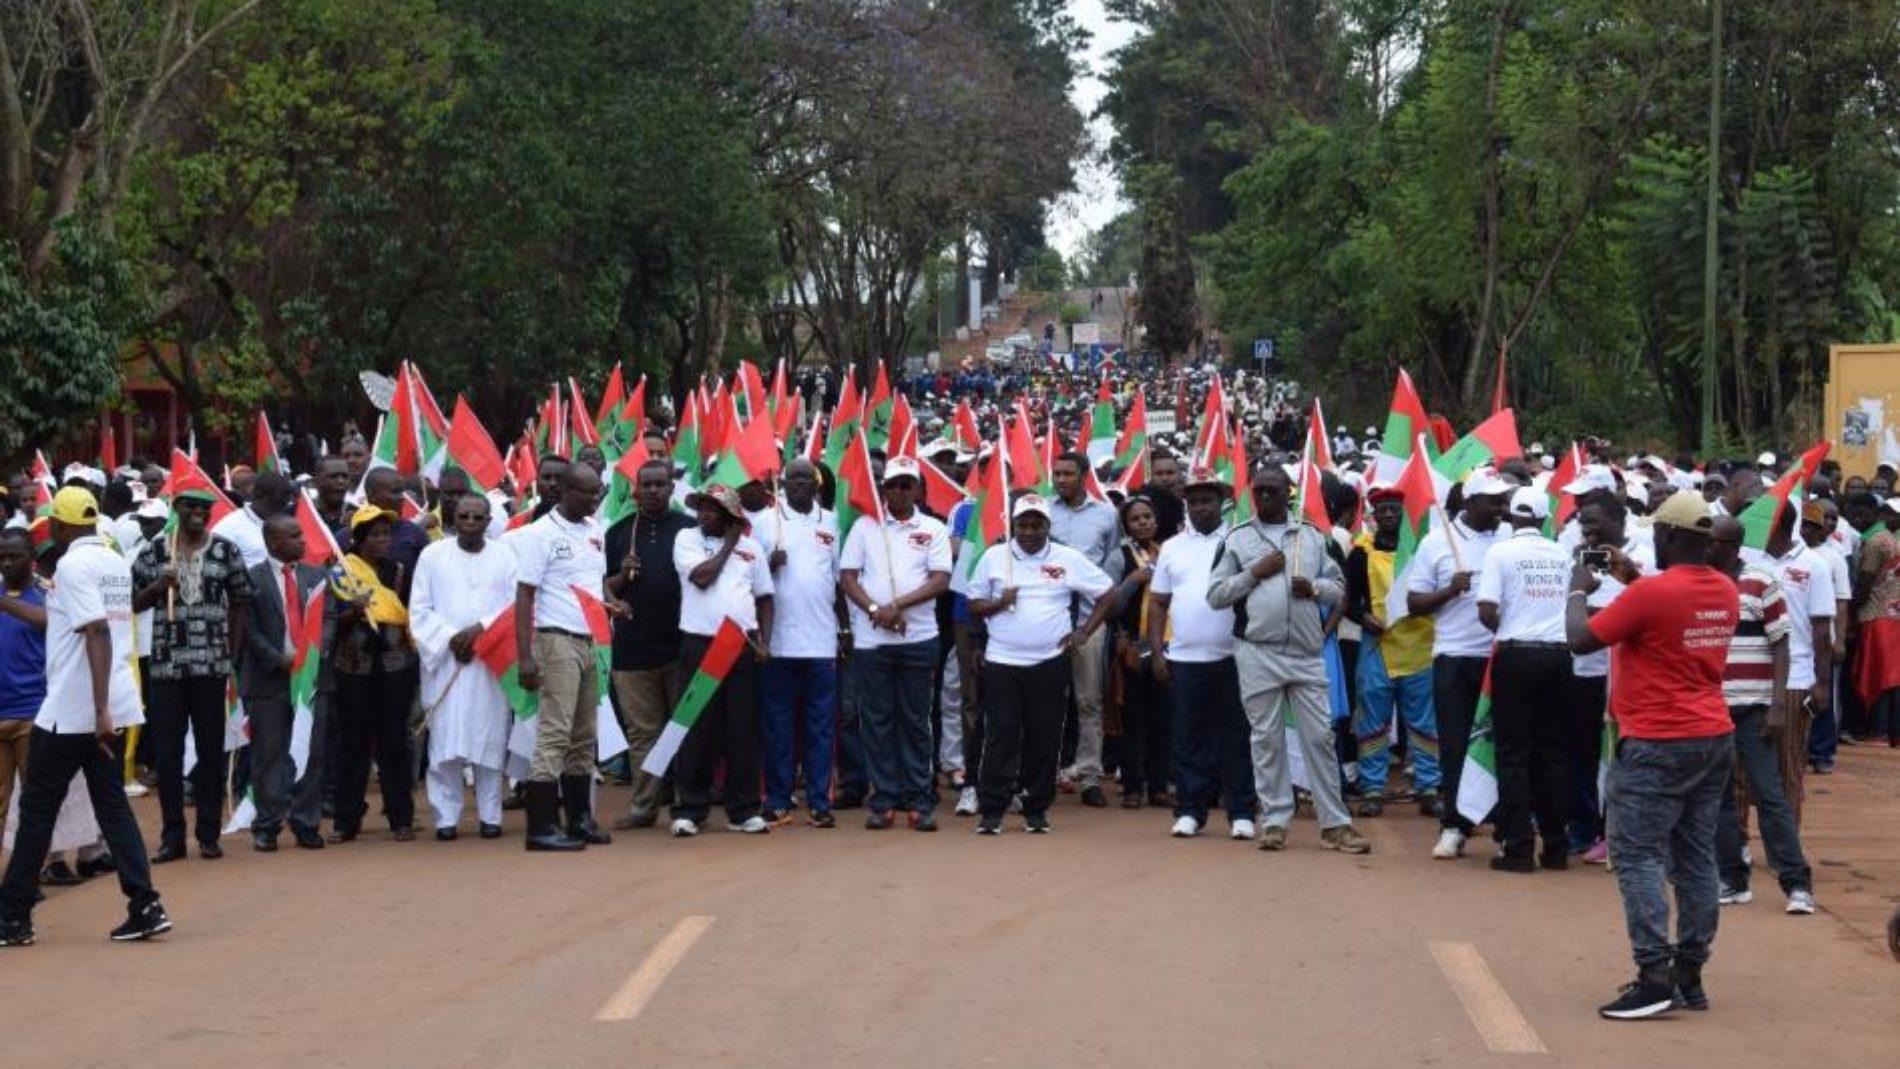 L'ONG Human Rights Watch dénonce la brutalité dans le paiement des contributions aux prochaines élections  au Burundi